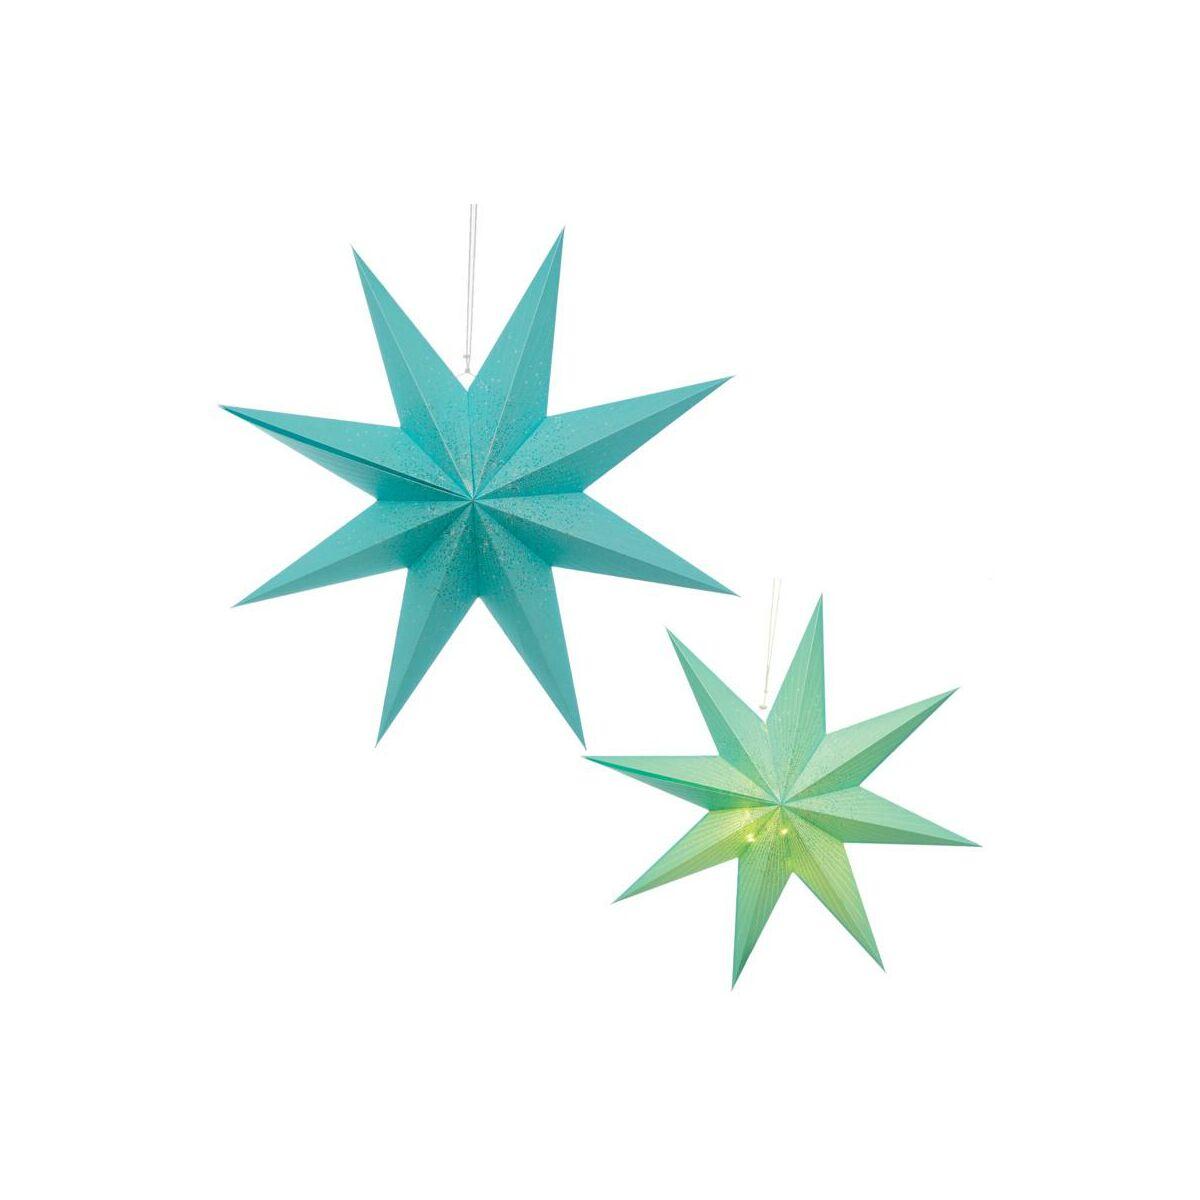 Gwiazda Podswietlana 75 Cm Niebieska Papierowa Swieczniki I Dekoracje Swiateczne W Atrakcyjnej Cenie W Sklepach Leroy Merlin